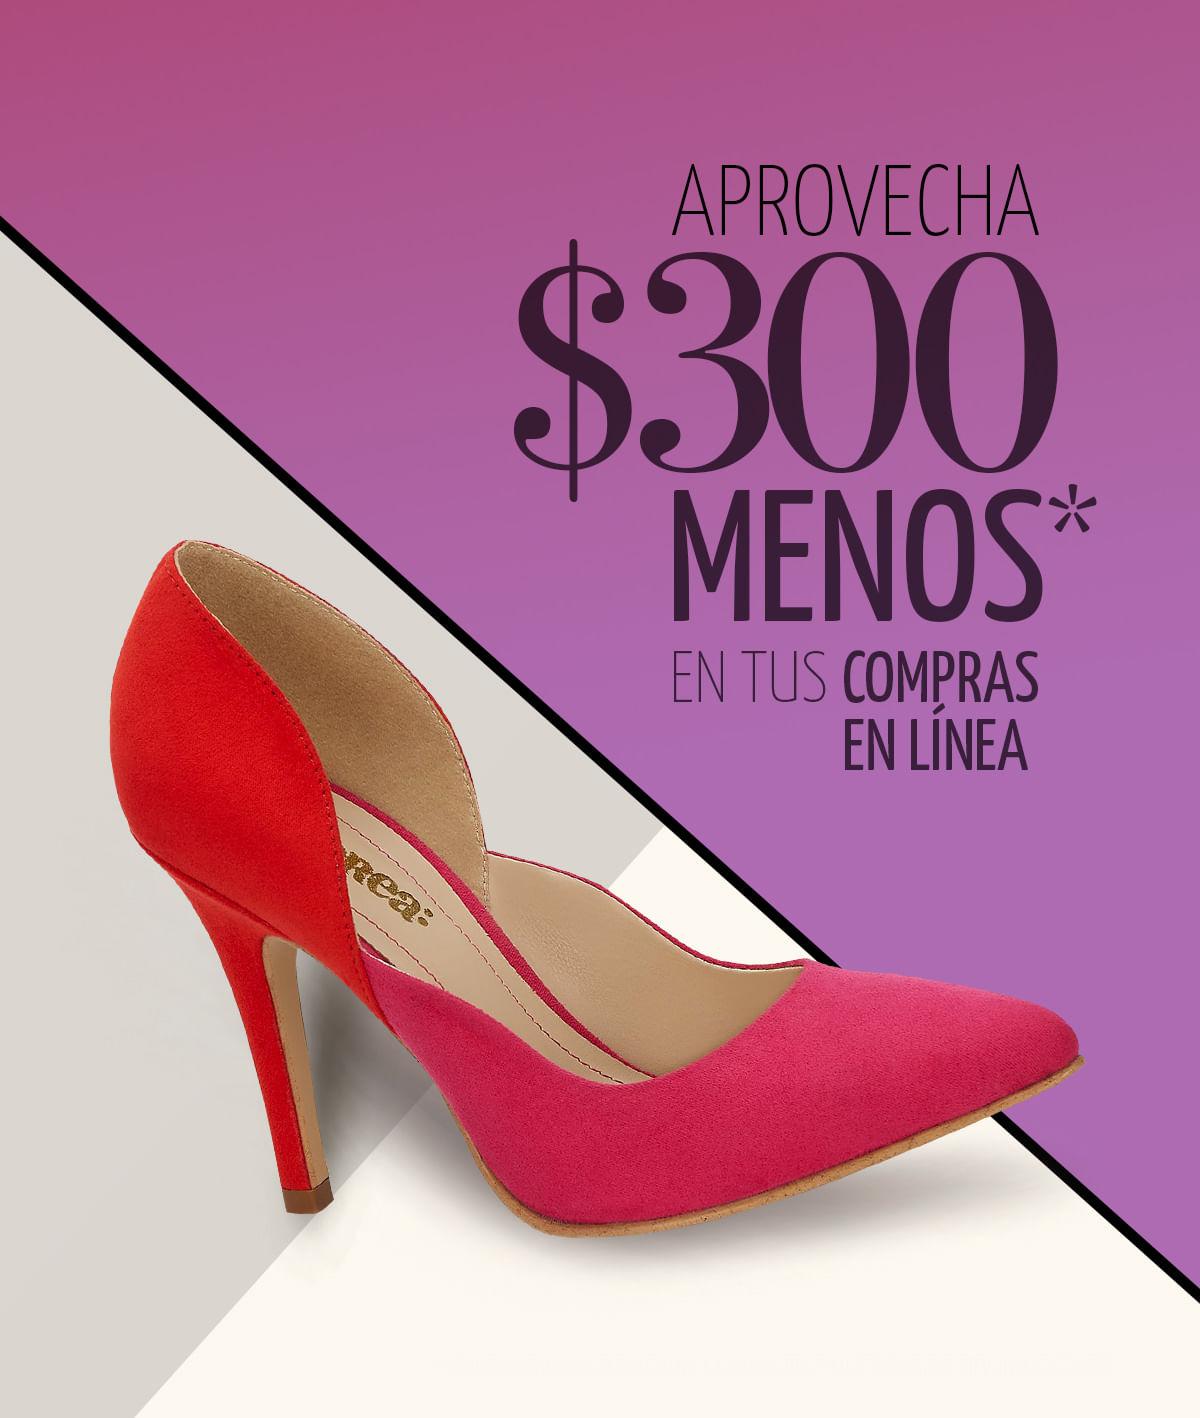 6cc90c314f3 Andrea • Tienda en línea • Lo mejor en moda Zapatos, Ropa ...